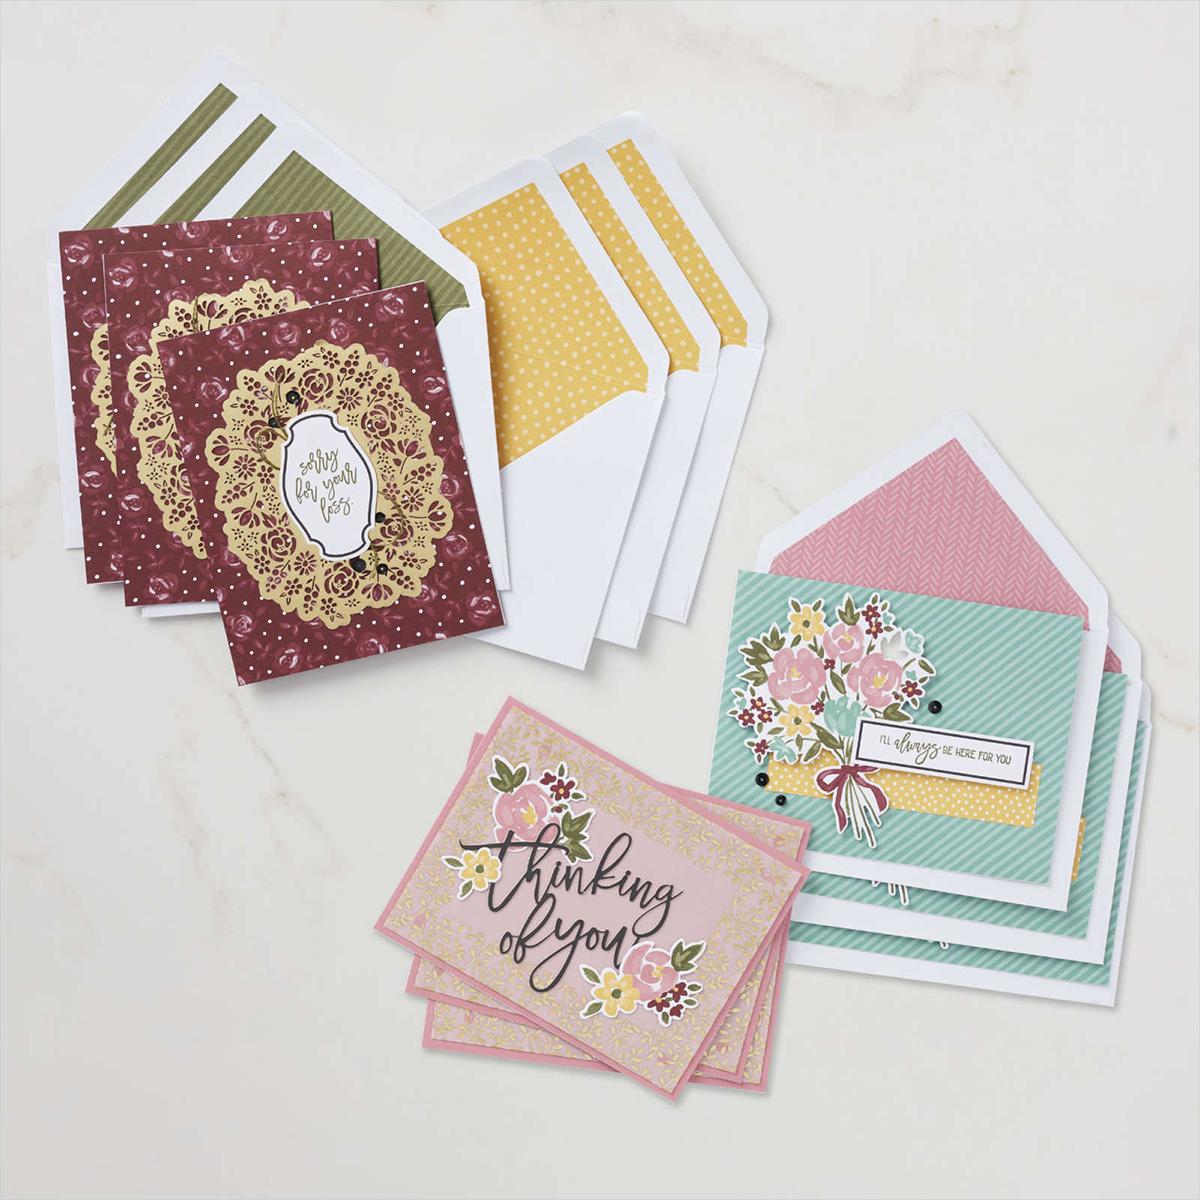 Stampin Up Paper Pumpkin Set Blumen der Freundschaft 8